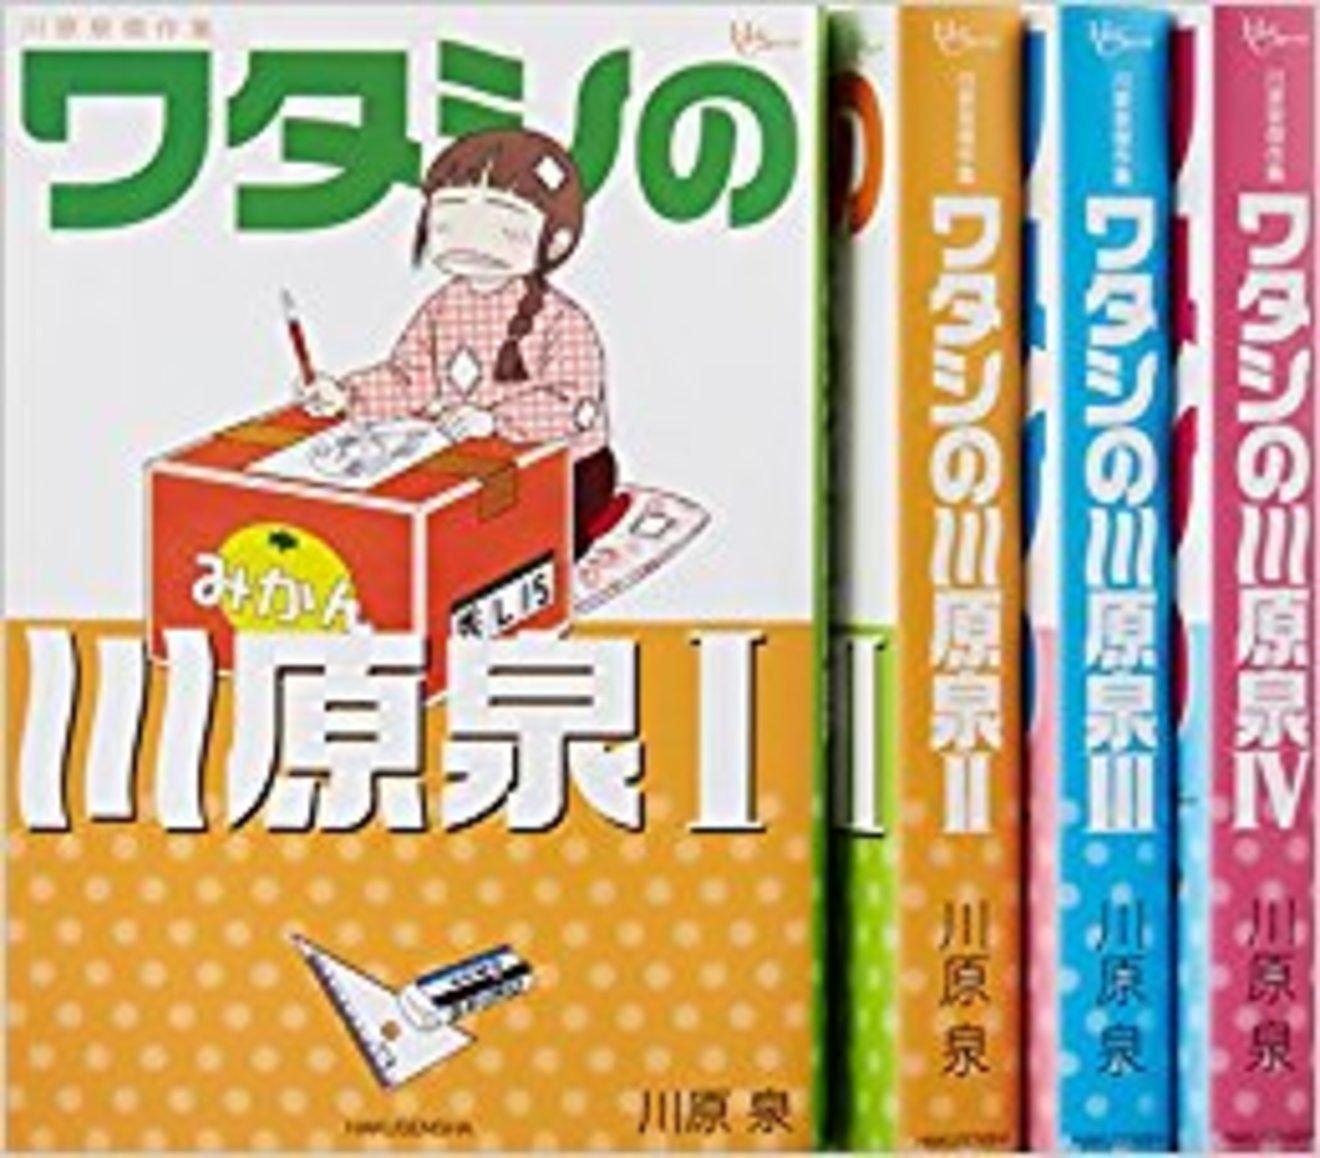 川原泉おすすめ漫画6選!『笑う大天使』など傑作多数!